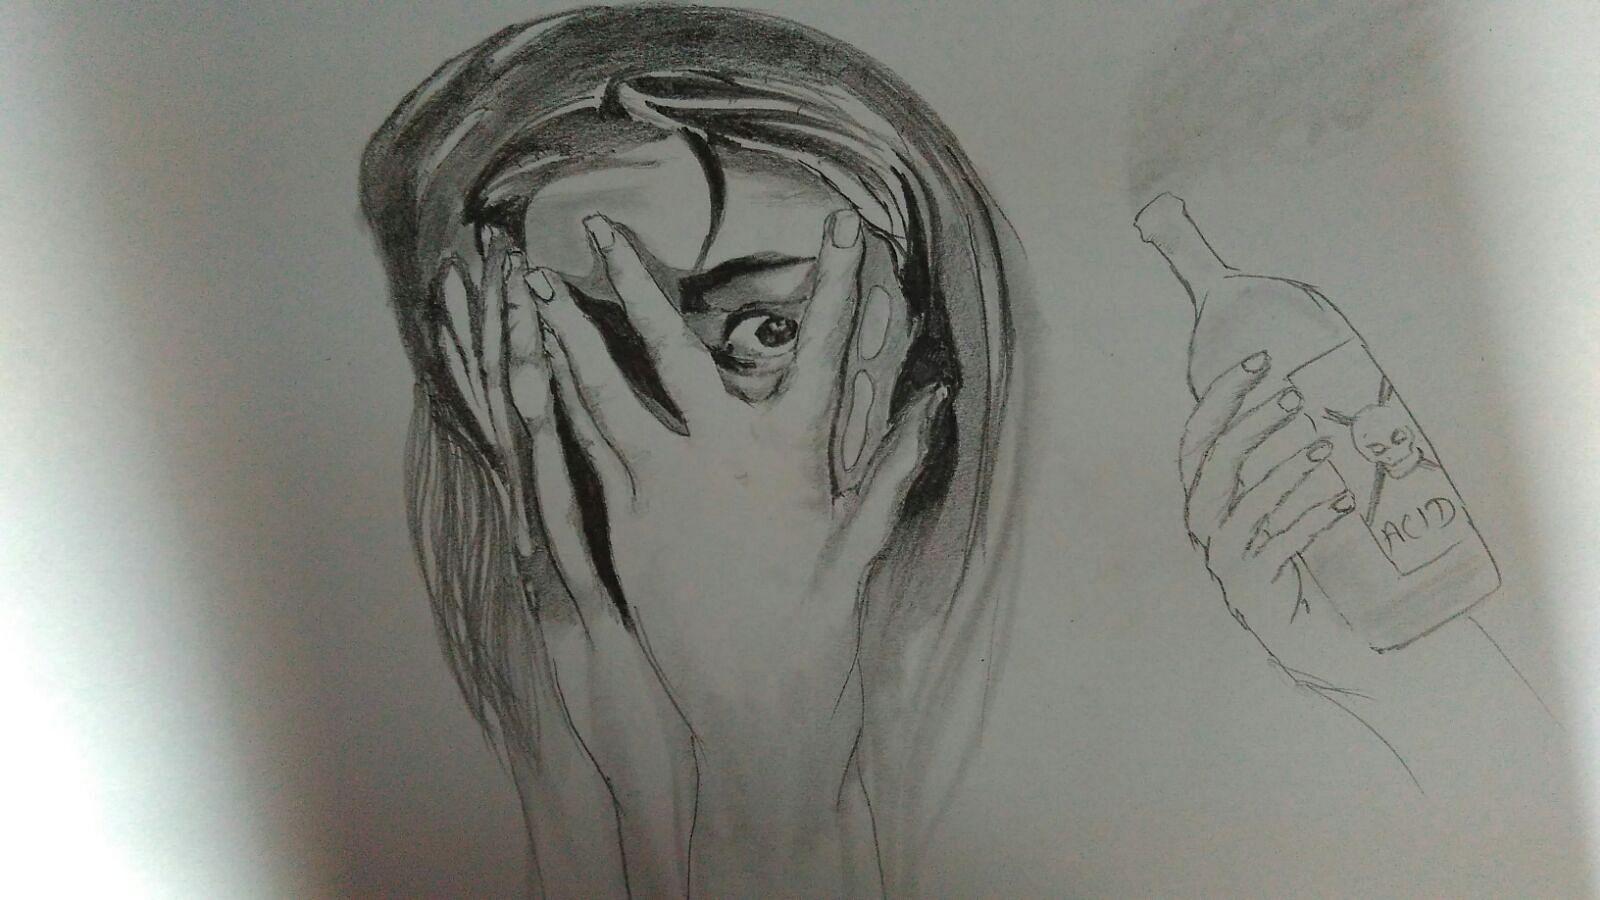 Sketch by Pankaj Sharma